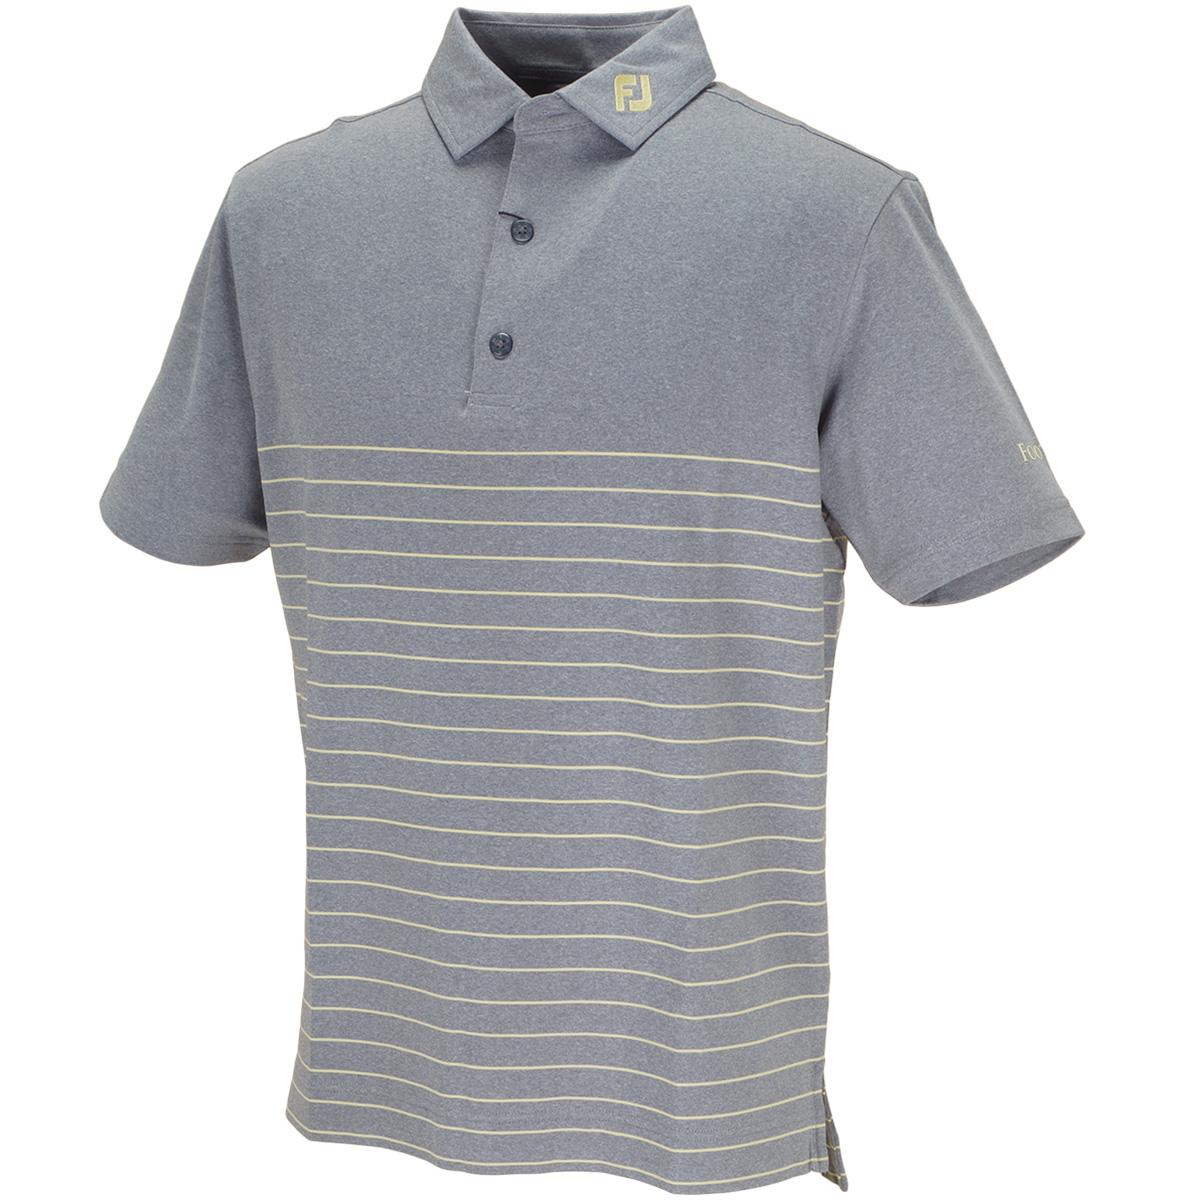 ヘザーストライプ ライル半袖ポロシャツ